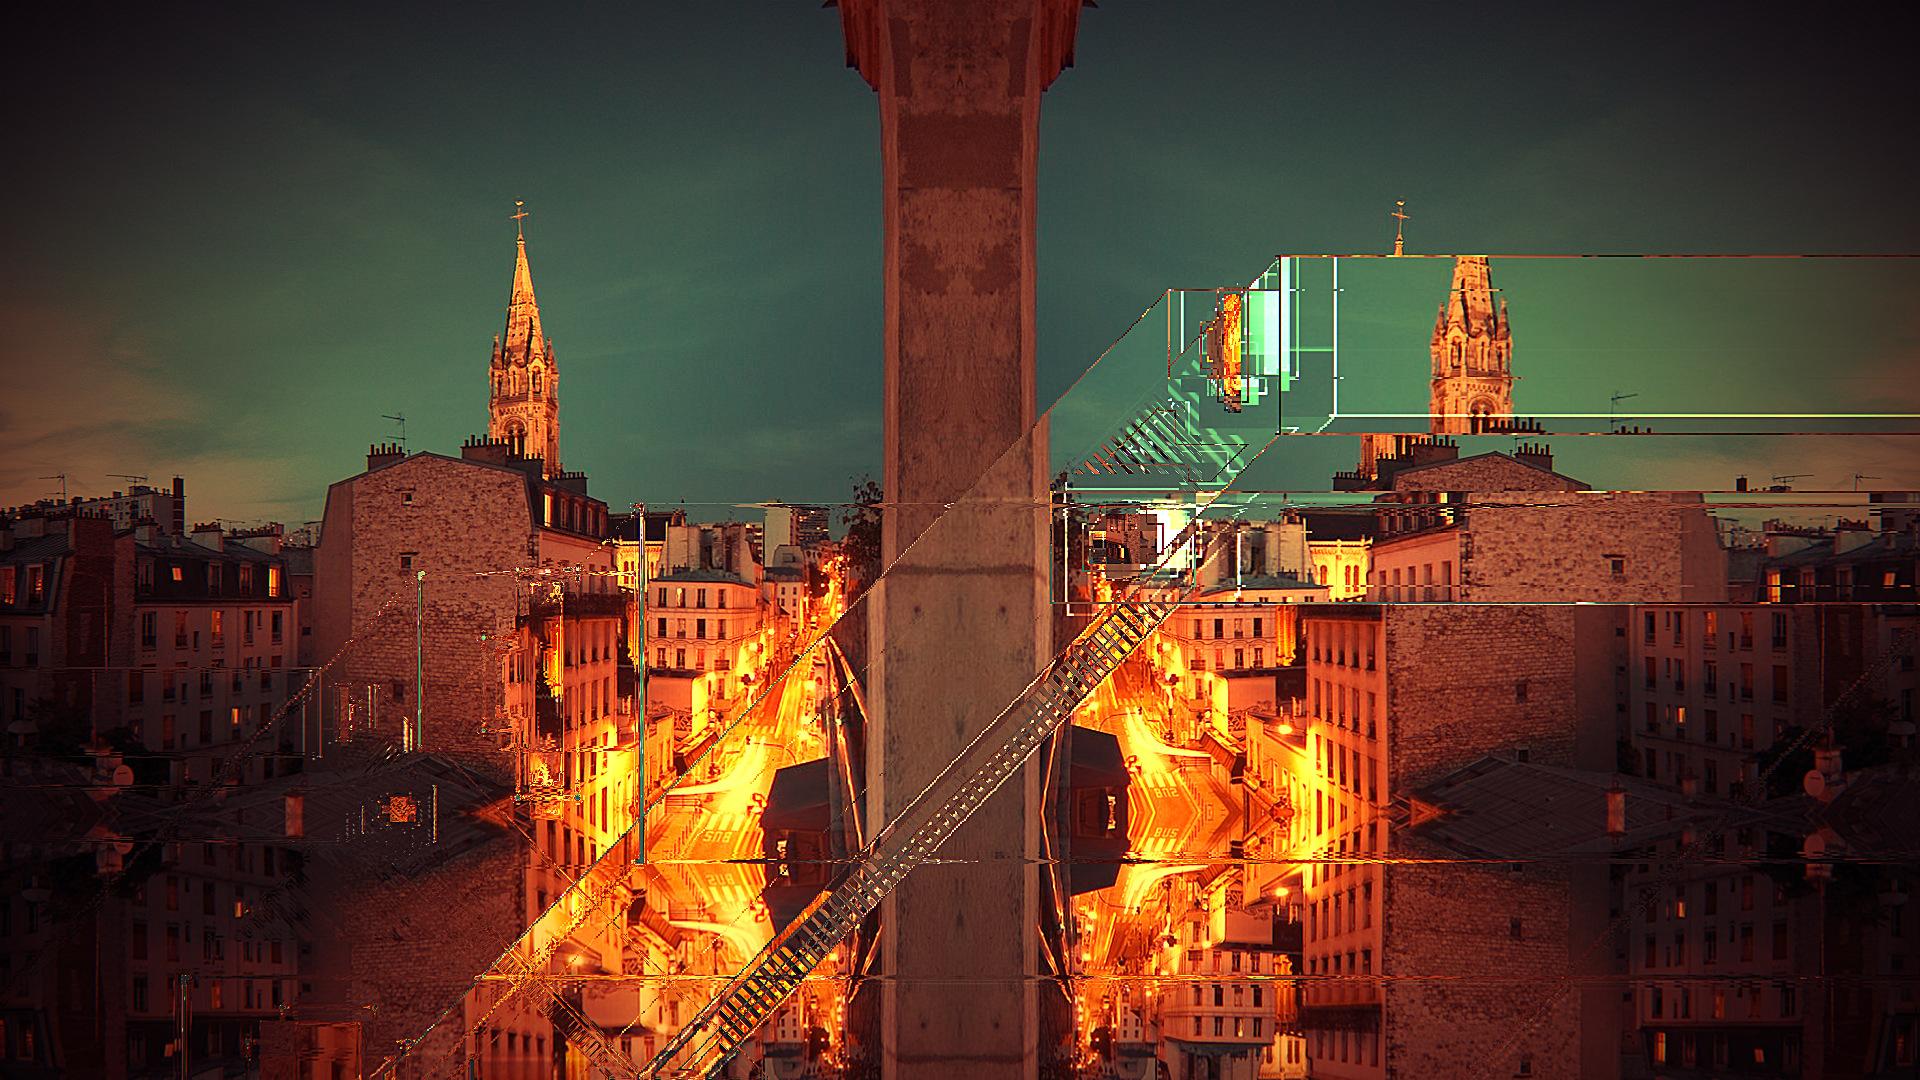 Cities_DistortedTimeLapse_L01_v01